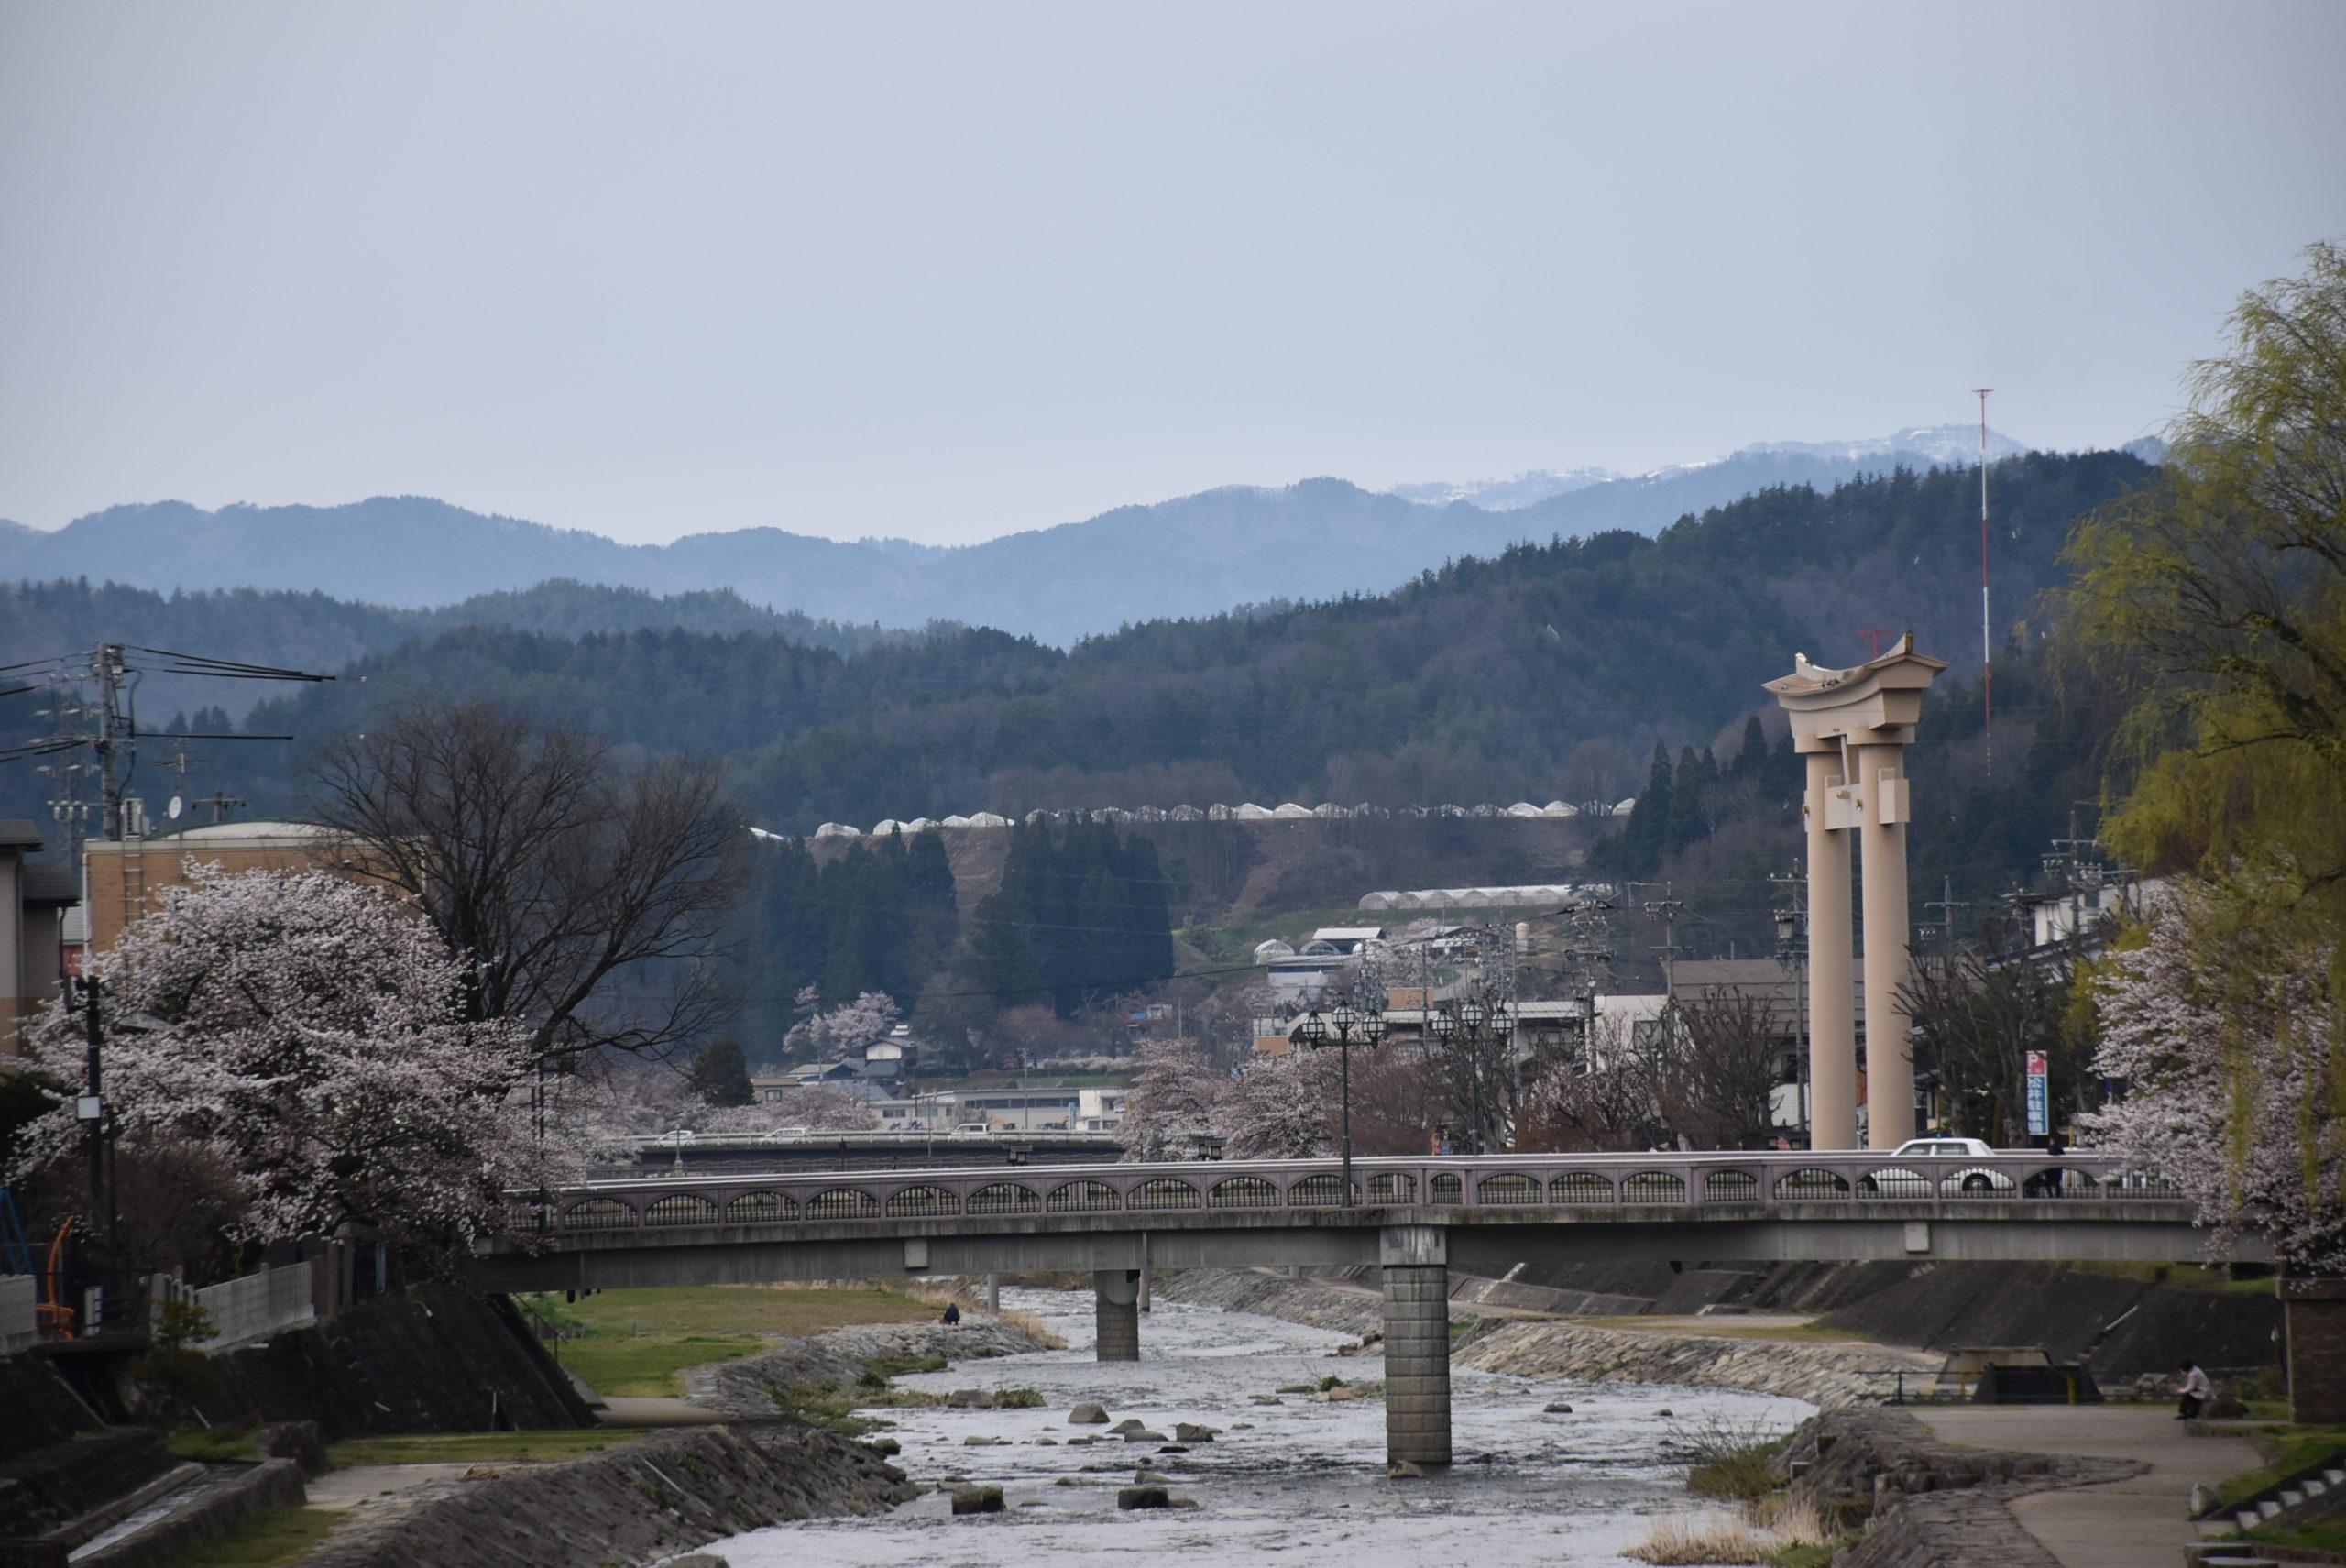 Takayama Gifu Japan